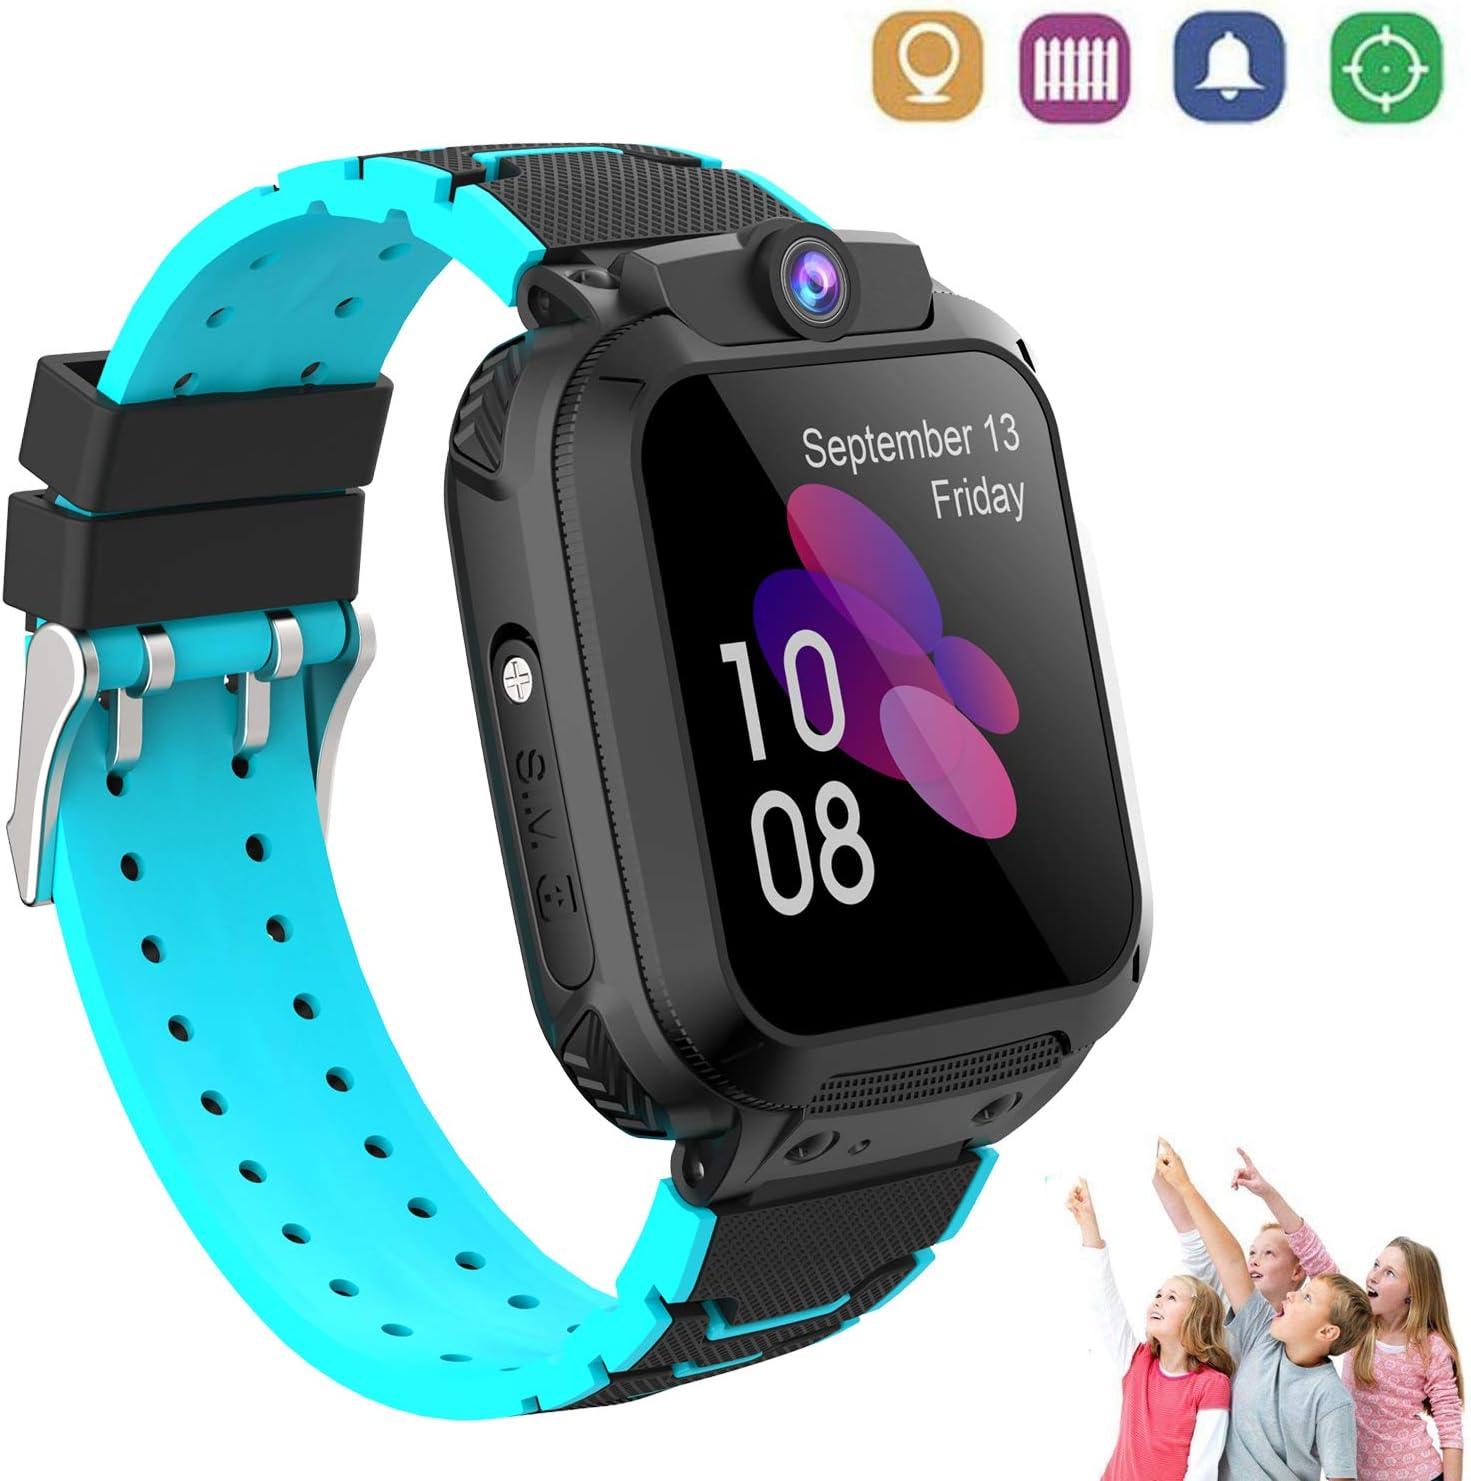 Winnes Reloj Inteligente Niños con Smartwatch Niños Llamadas Reloj Deportivo Niño Pulsera de Actividad Inteligente Niños (9B09308 Nergo)